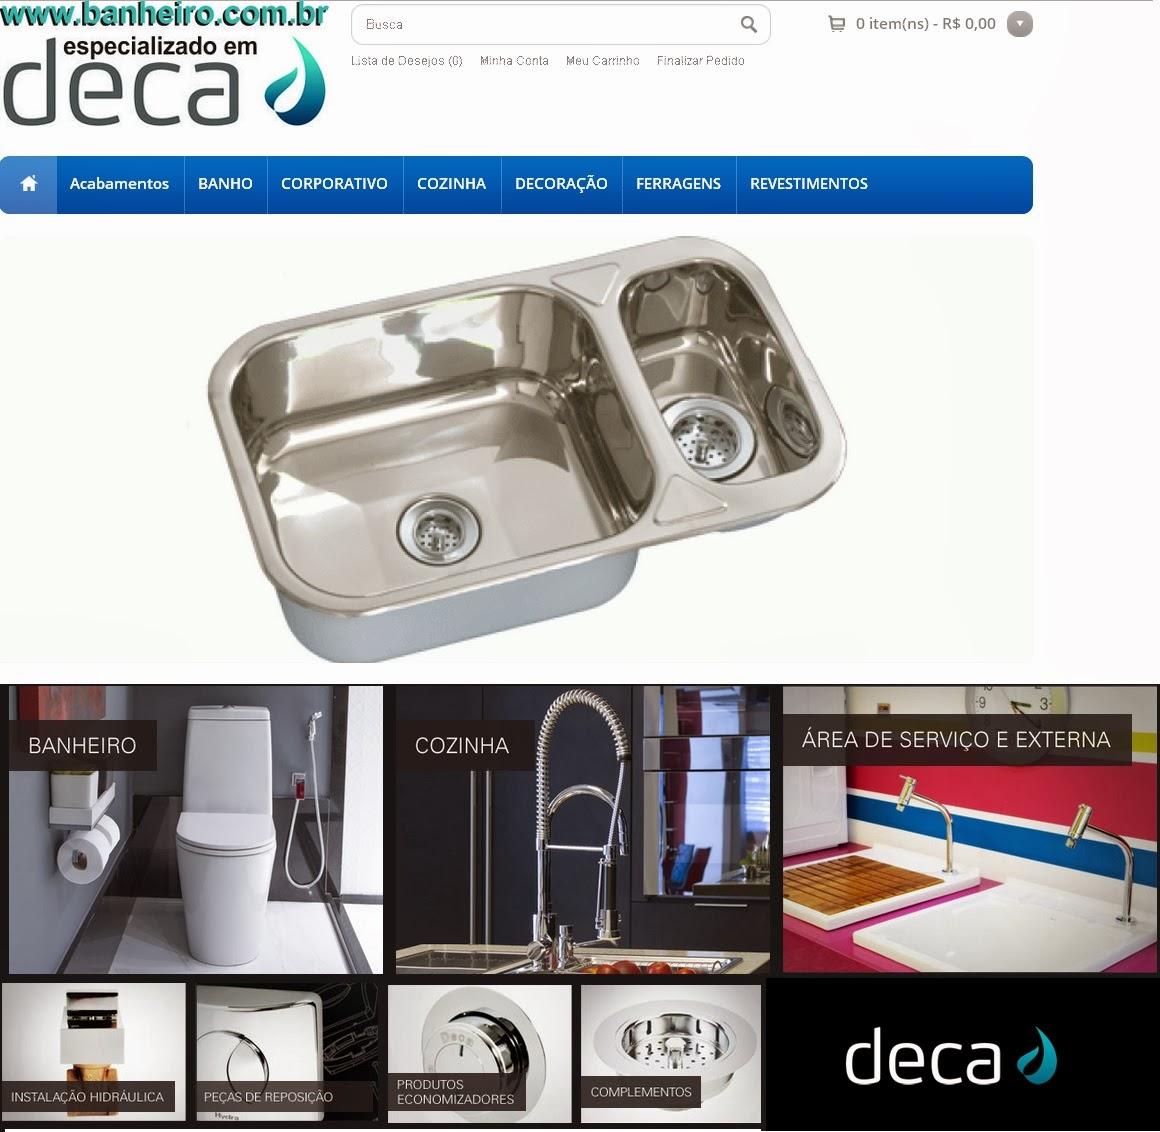 Sarah Decor & Design: Soluções e Produtos DECA www.banheiro.com.br #074993 1160x1132 Acessorios Banheiro Altura